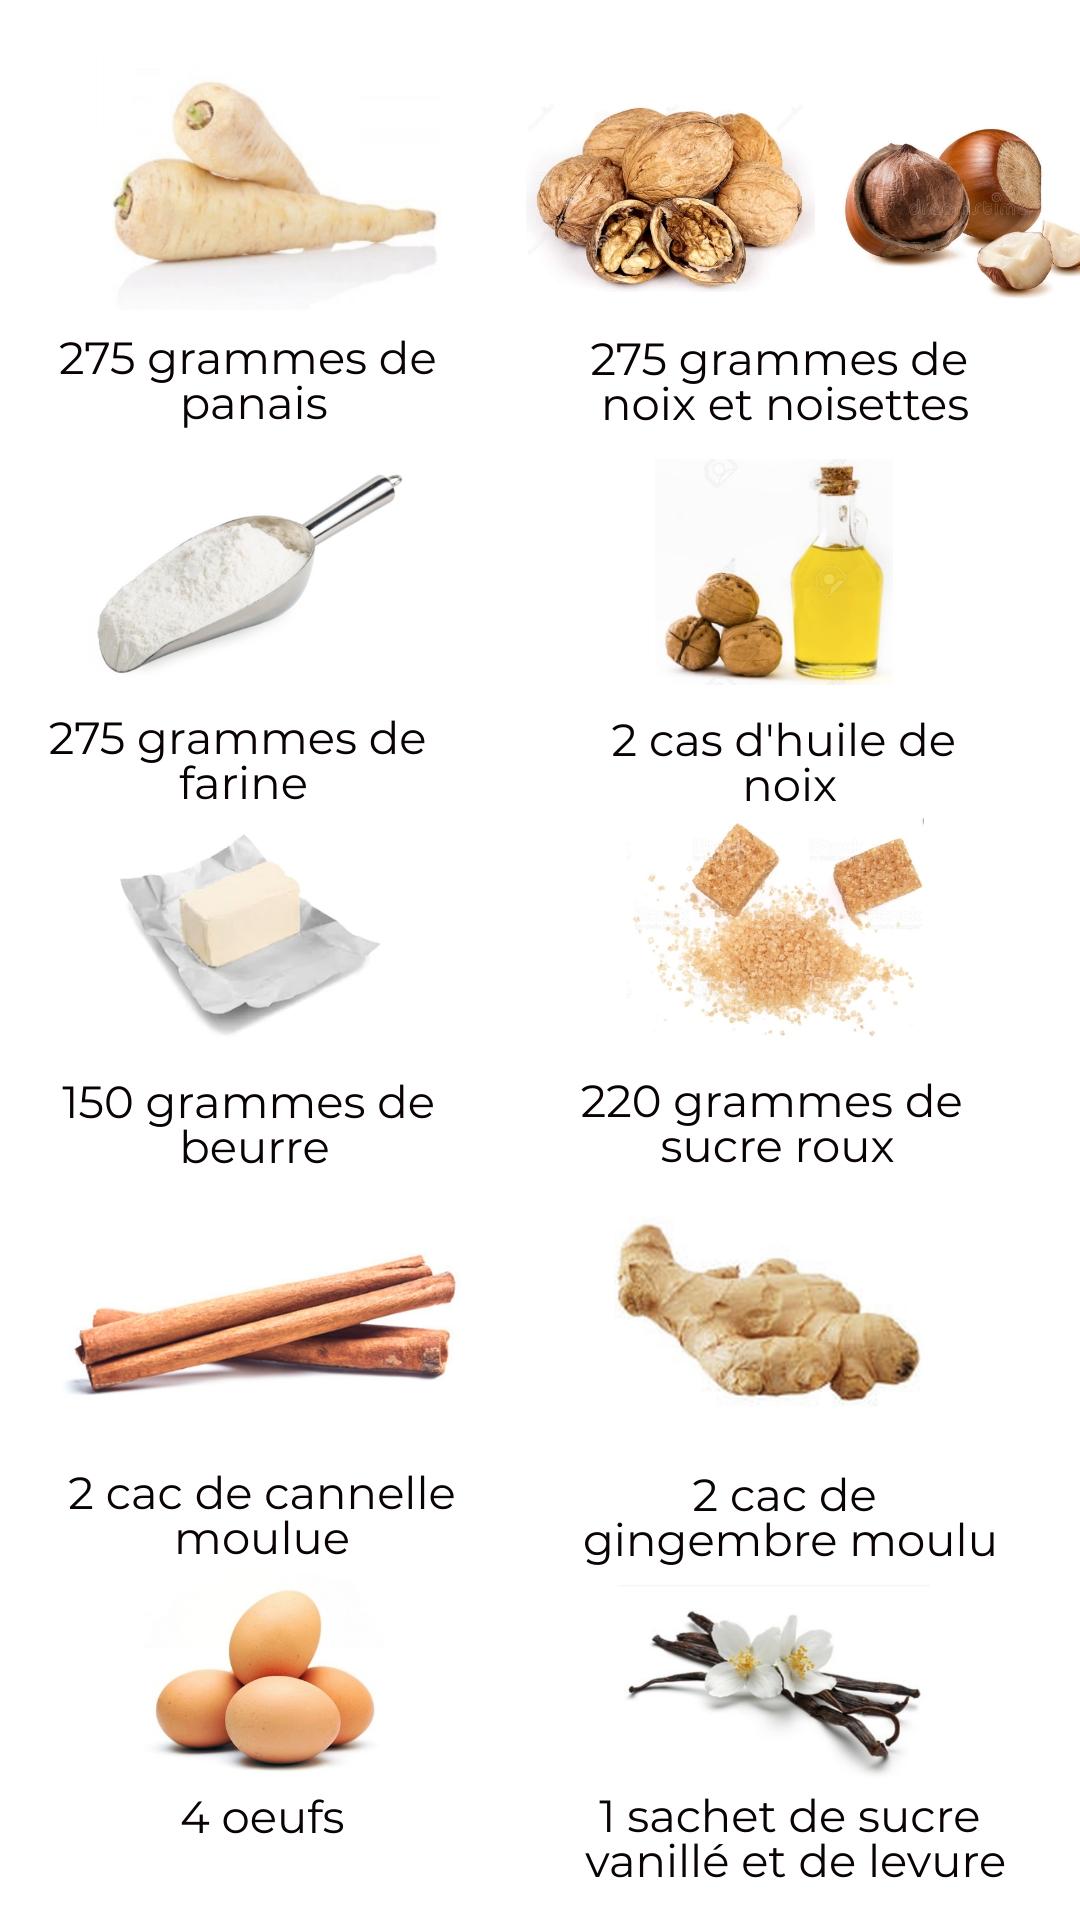 Ingrédients - Cake au panais, noix et noisettes